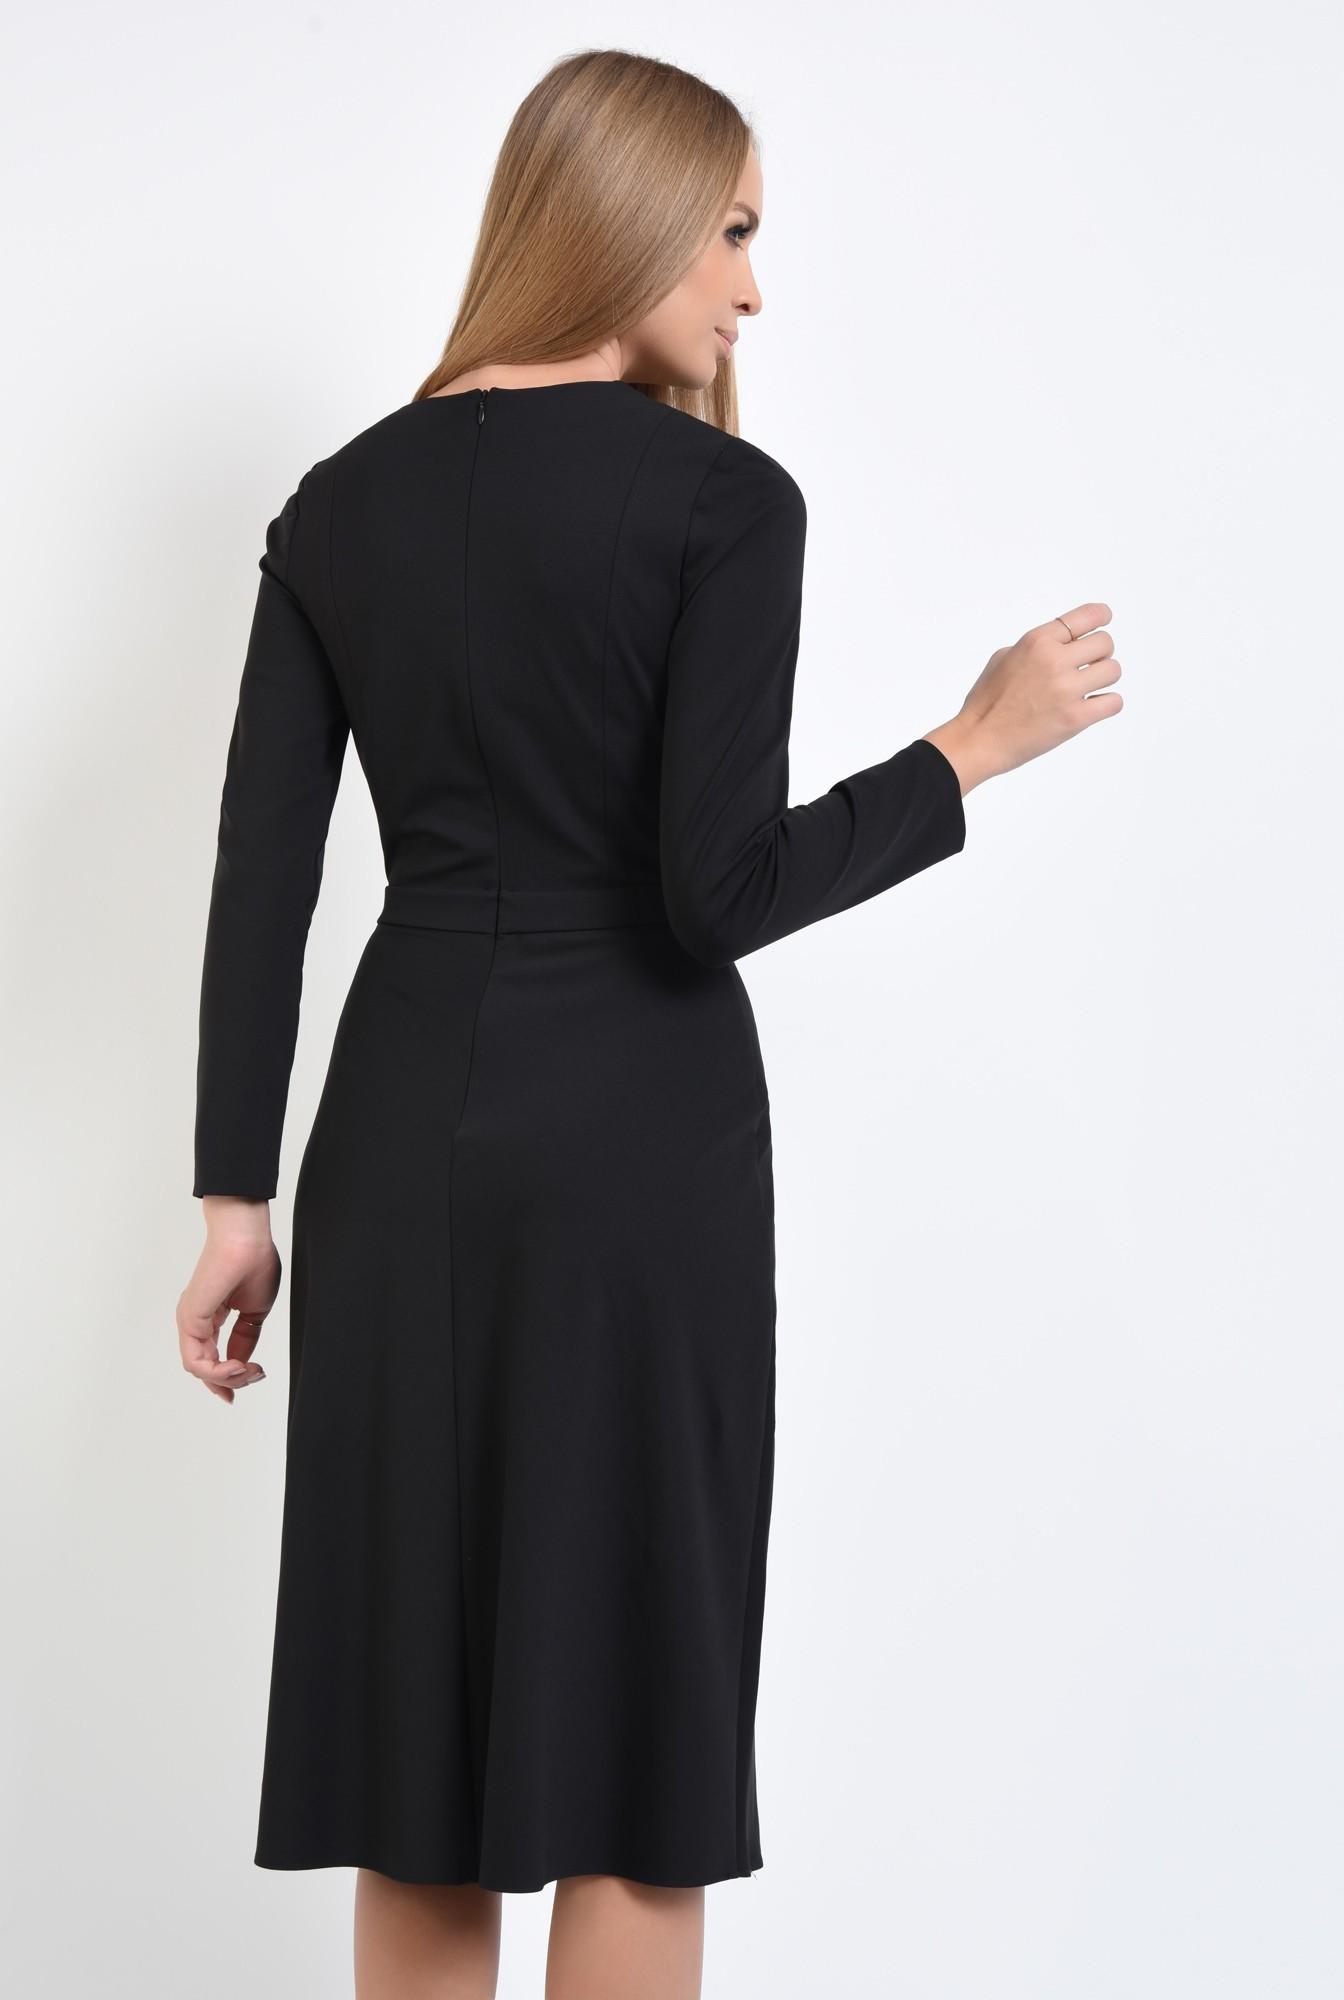 1 - rochie de zi, A-line, fermoar, decolteu rotund la baza gatului